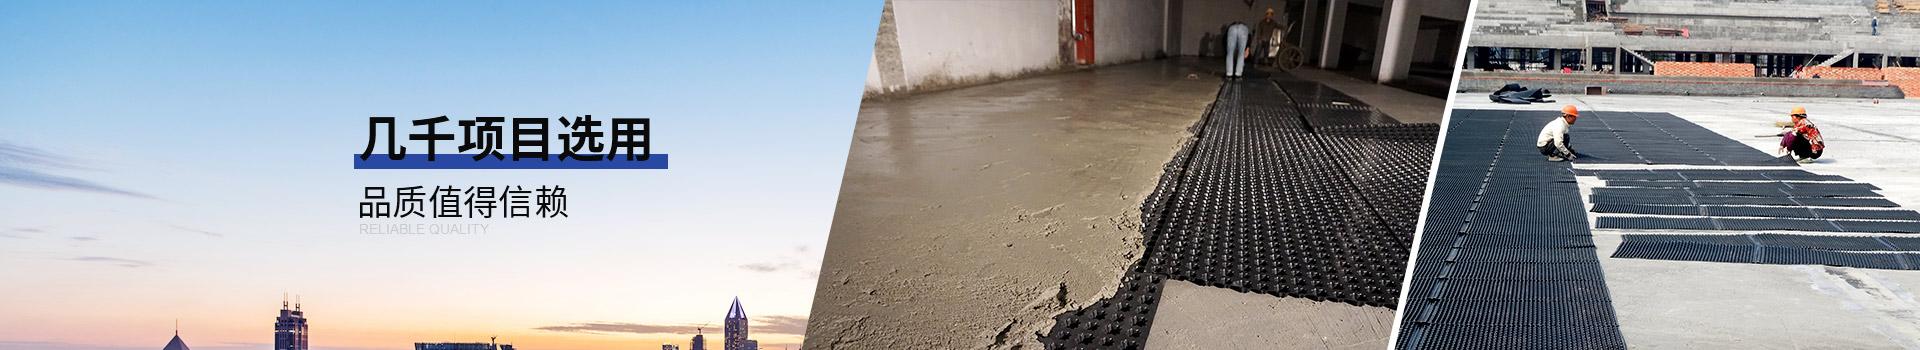 置顶PVC排水板品质值得信赖